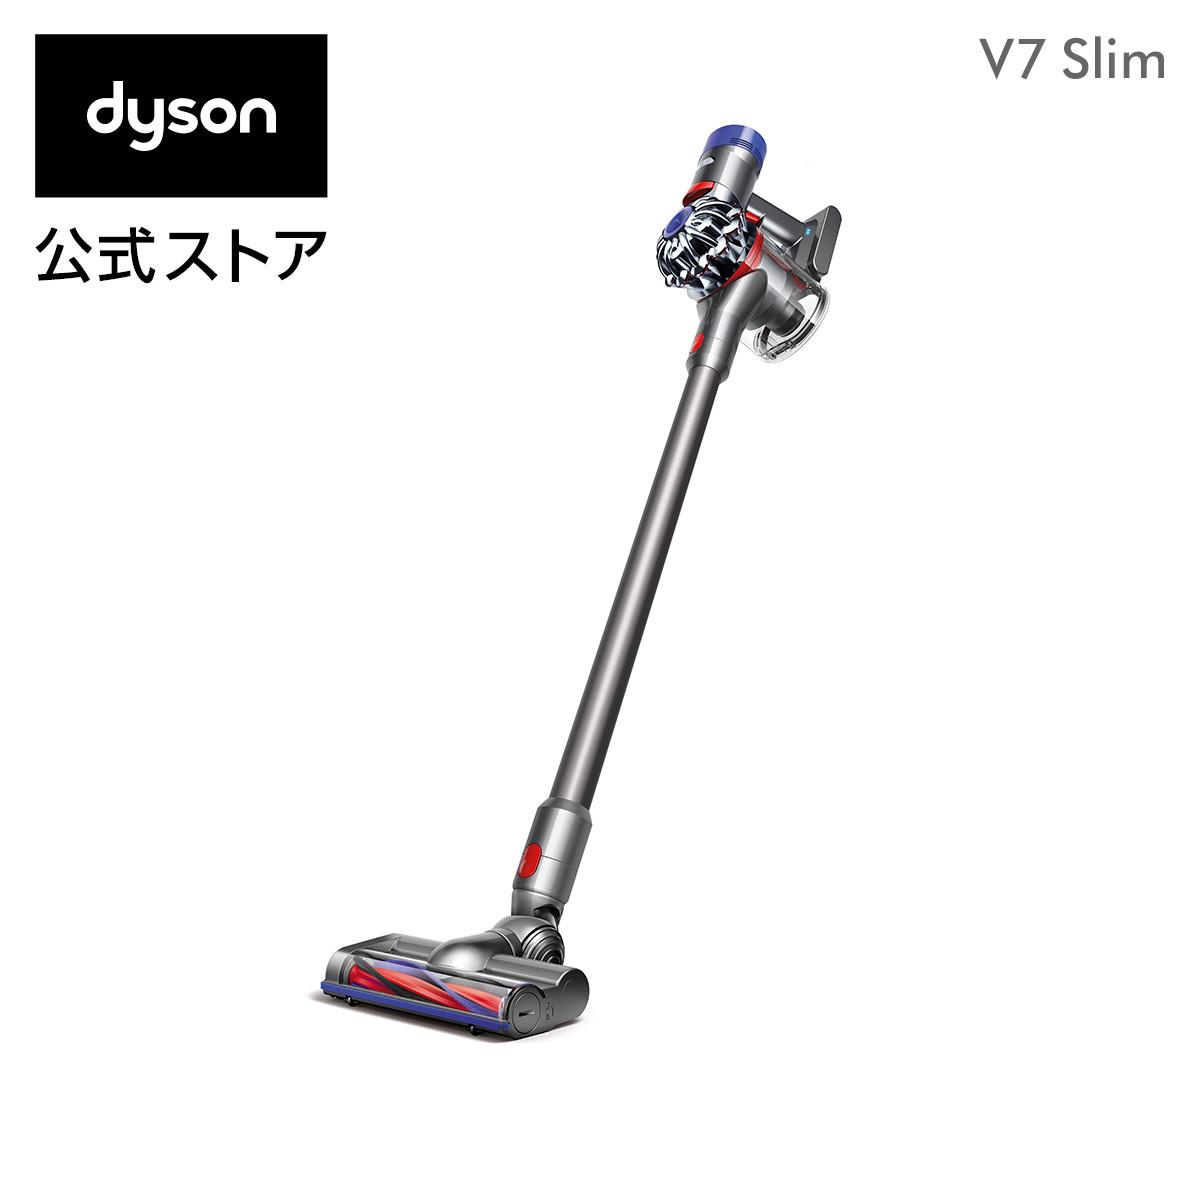 ダイソン Dyson V7 Slim サイクロン式 コードレス掃除機 dyson SV11SLM 2019年モデル